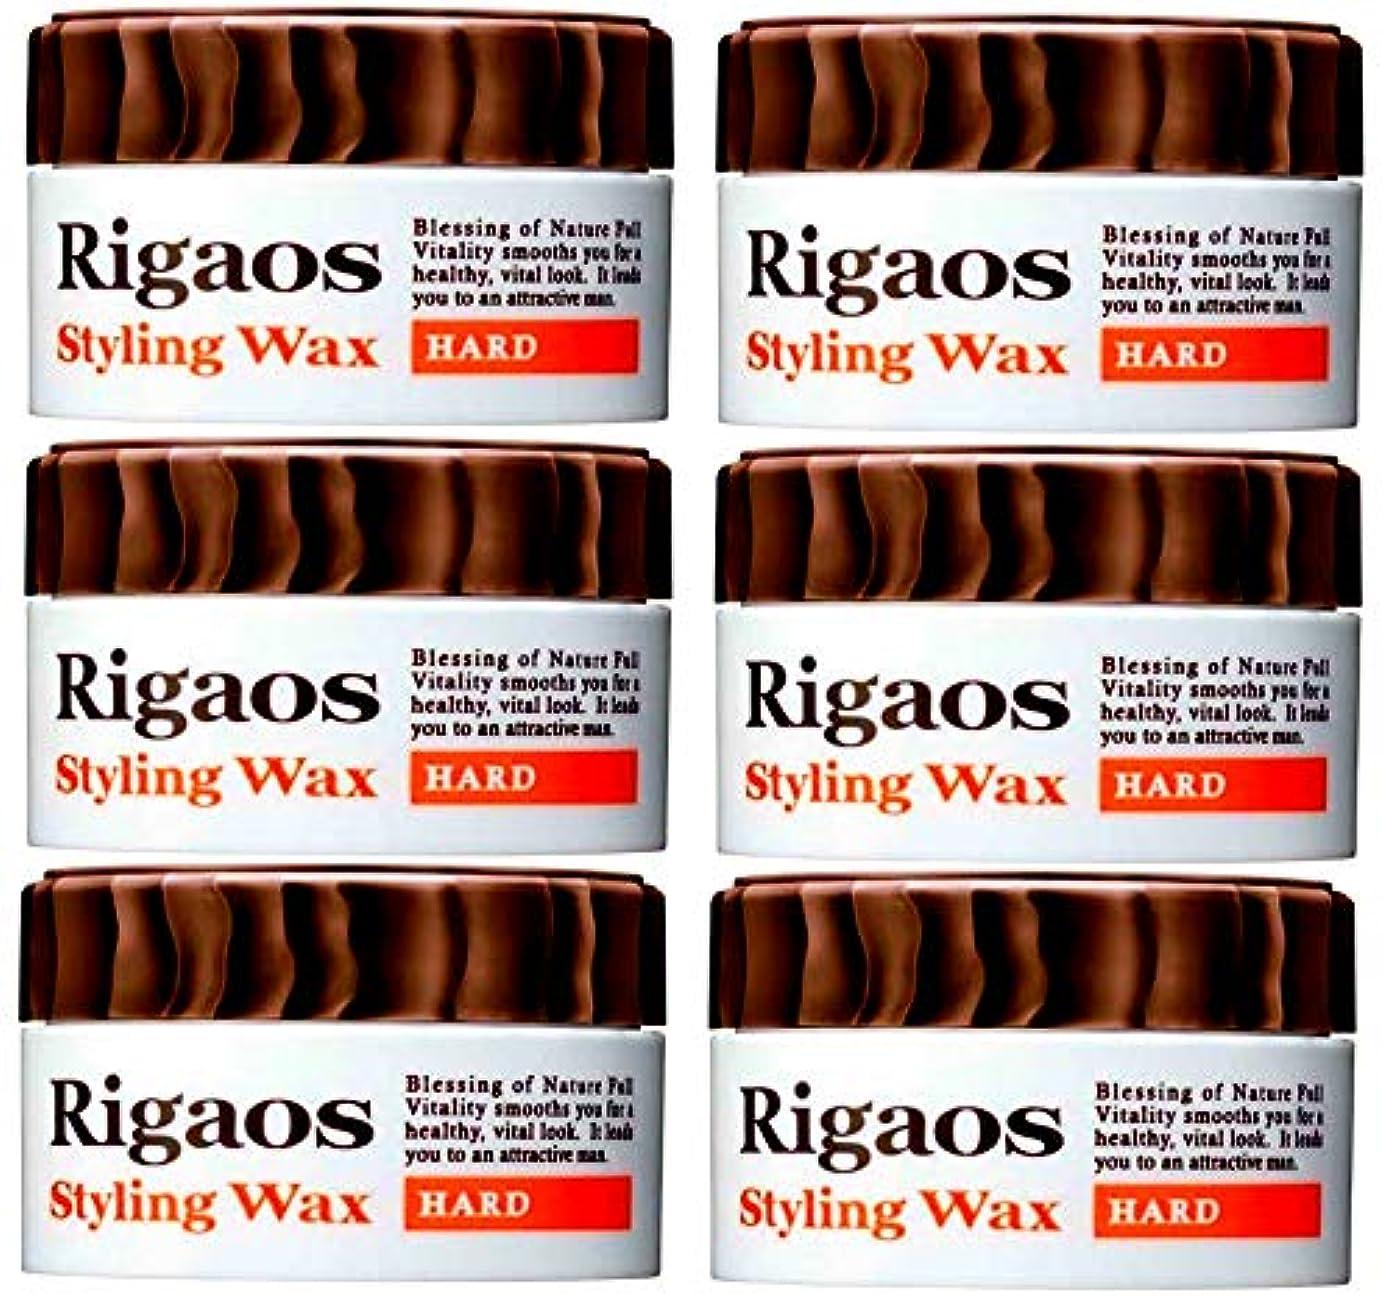 置換ファシズム囲まれた【まとめ買い6個セット!】Rigaos リガオス スタイリングワックス 「ハード ミニ」(15g)× 6個